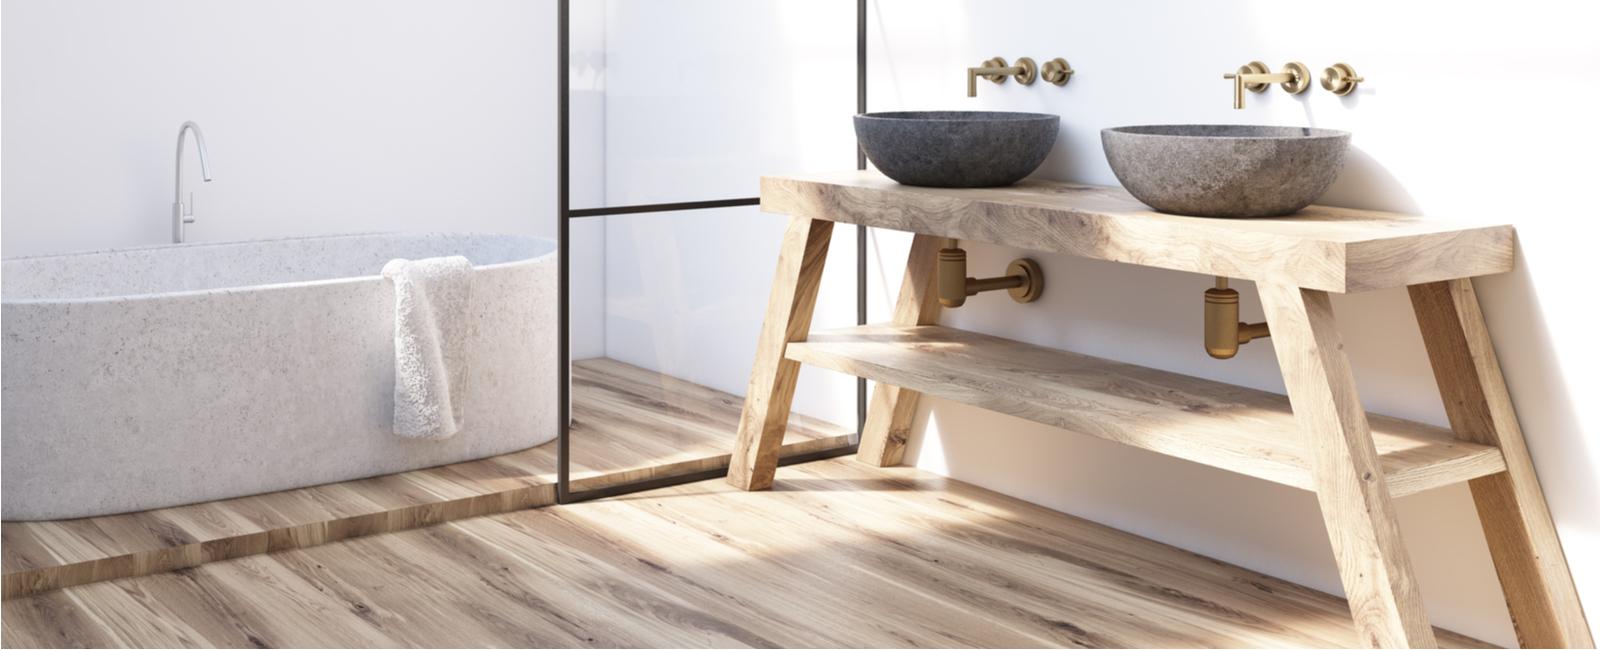 Prix Pour Refaire Une Salle De Bain comment rénover, aménager refaire une salle de bain? prix